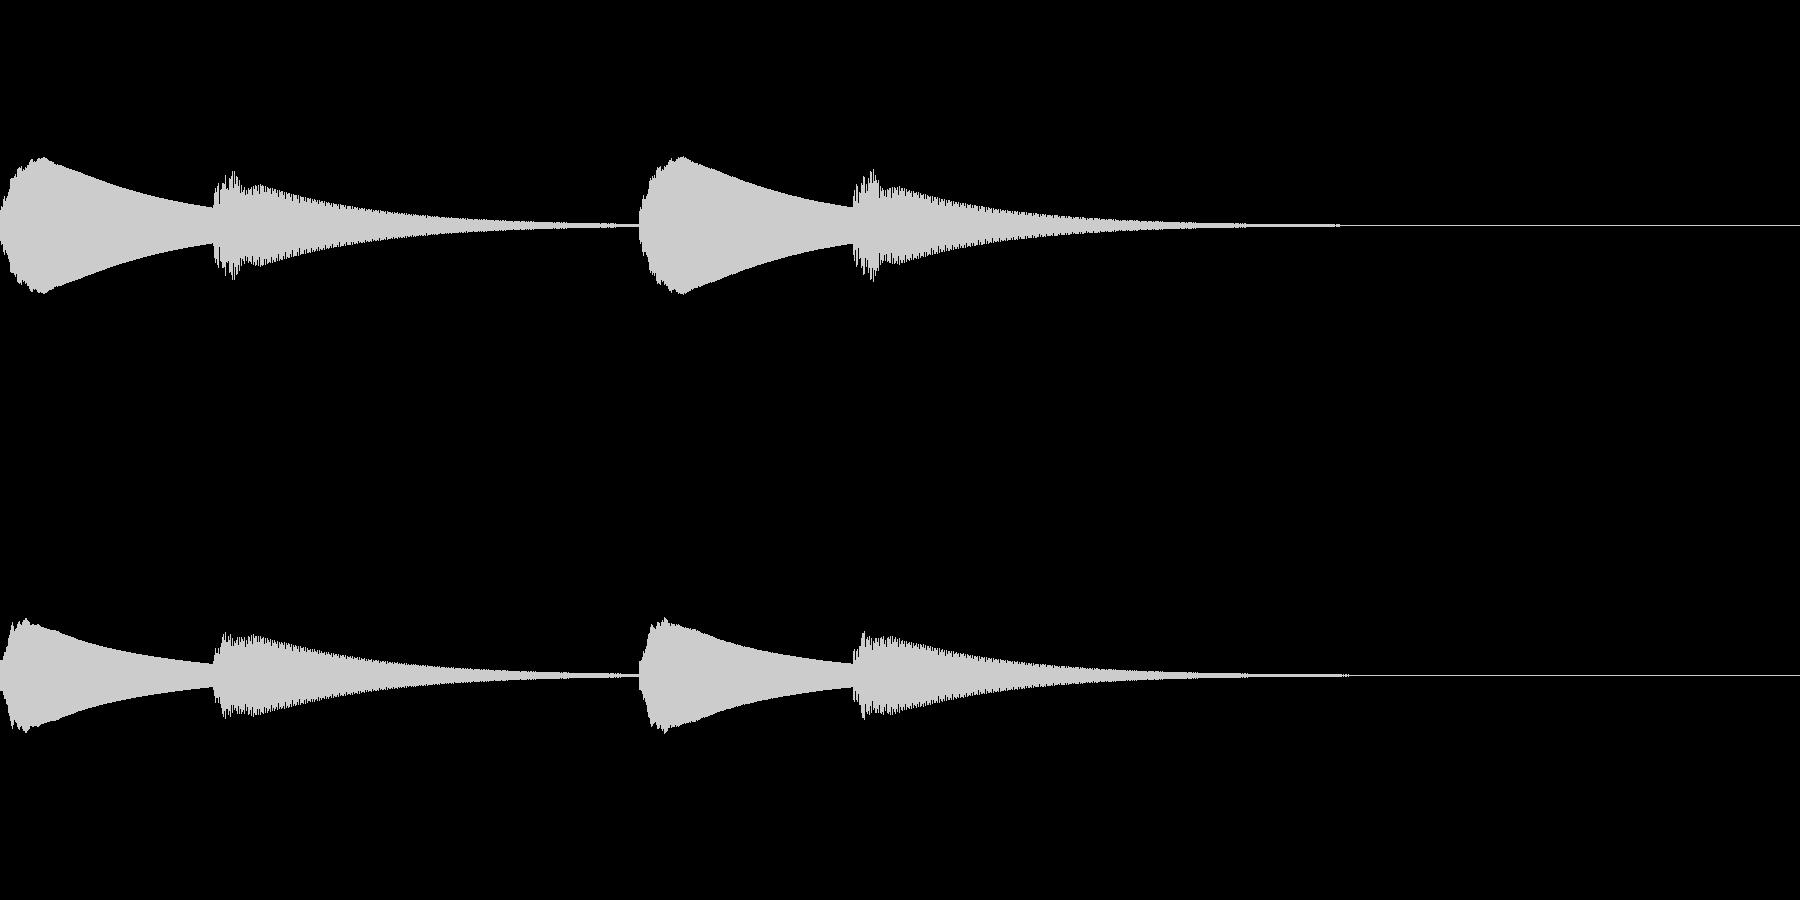 ピンポーン×2(入店やインターホンの音)の未再生の波形